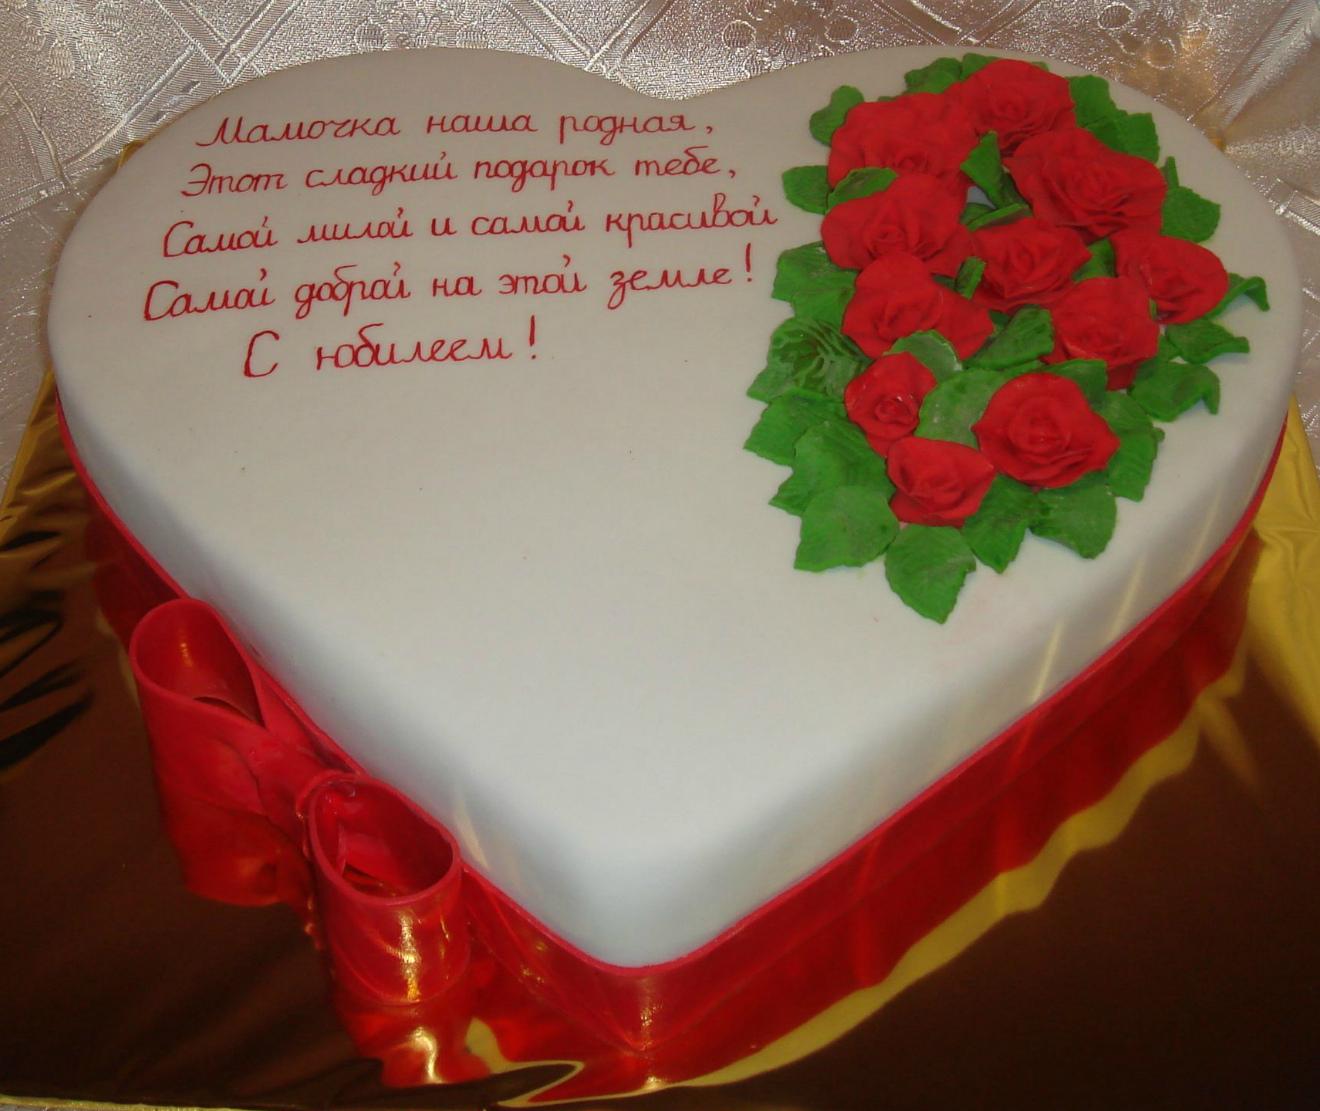 Поздравления на тортах 67